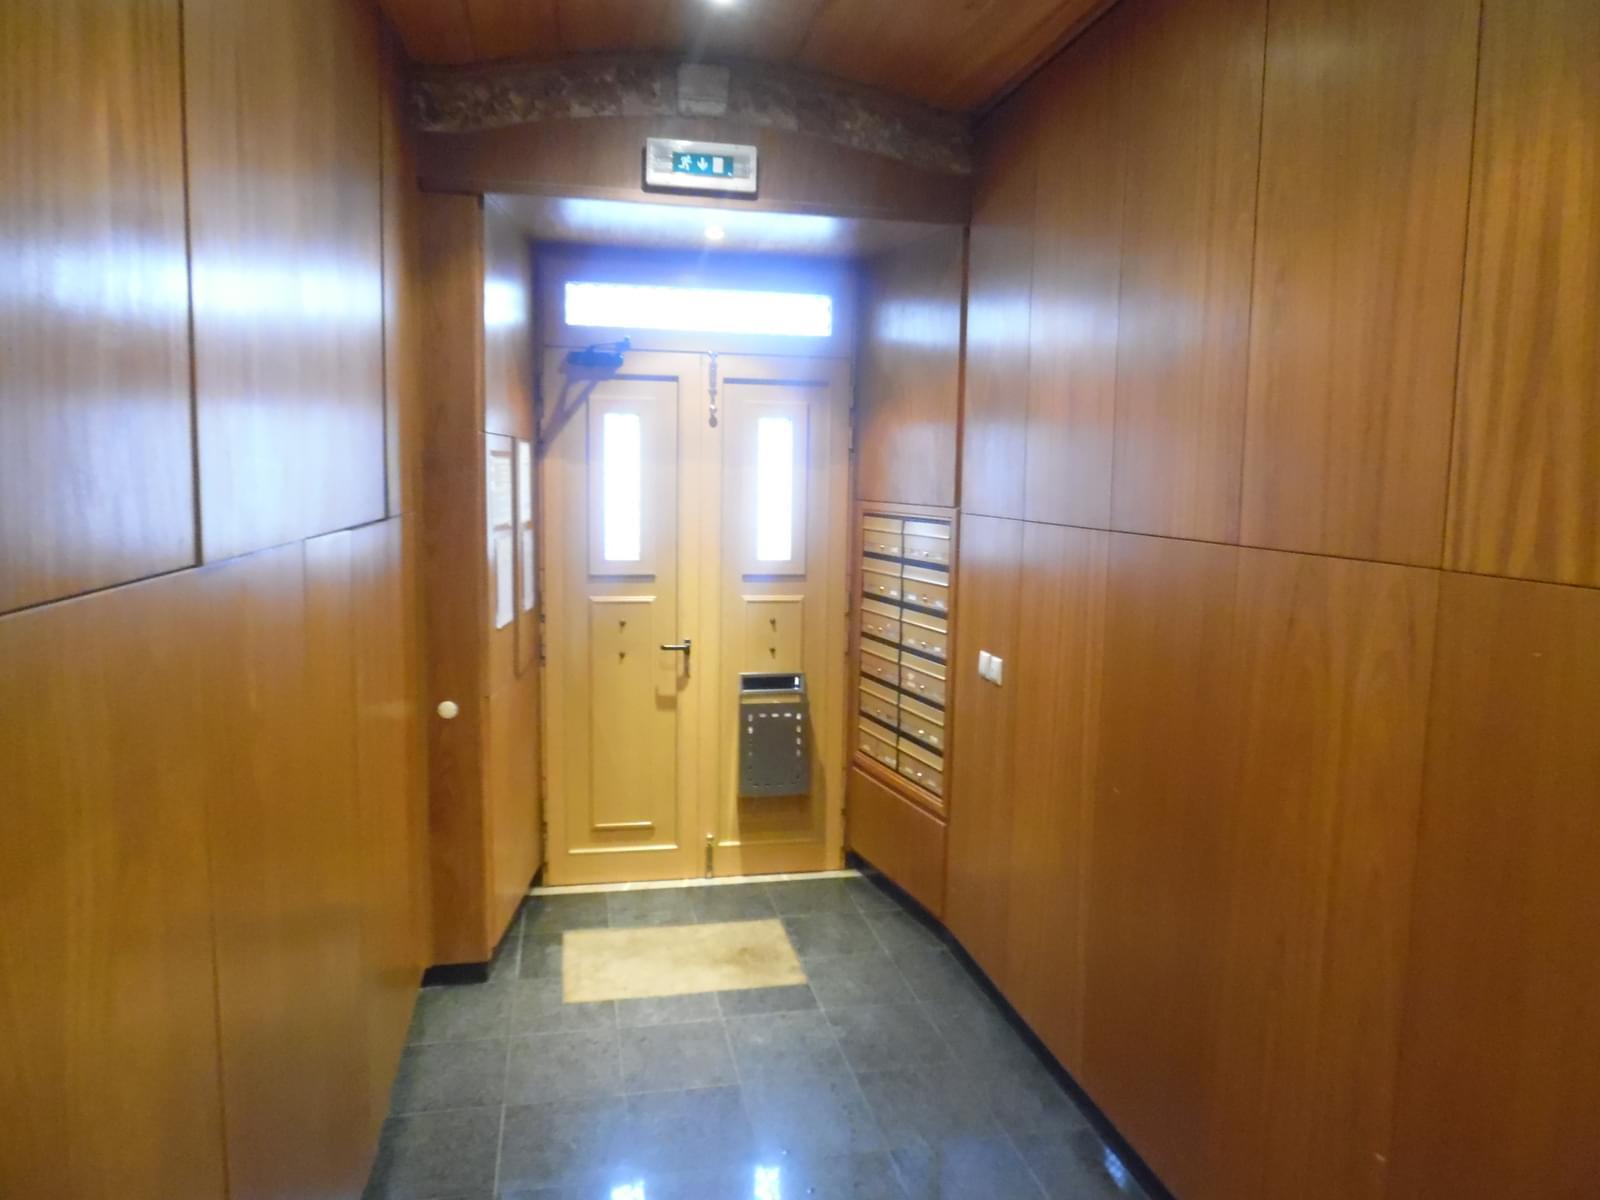 pf16905-apartamento-t1-lisboa-5f02194b-2dc4-4cb6-8742-a886ec90075b